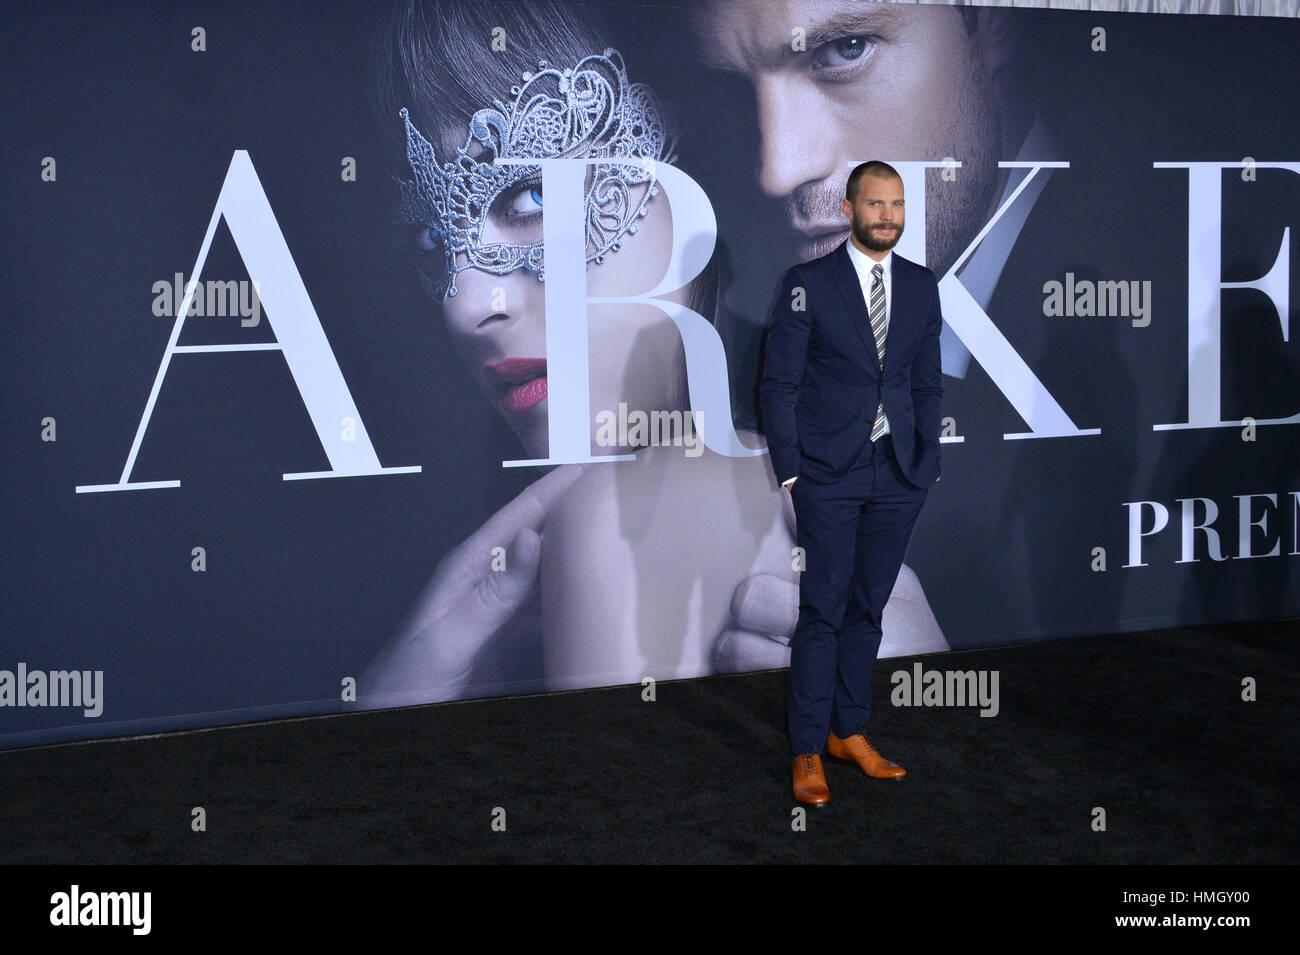 """Los Angeles, Kalifornien, USA. 2. Februar 2017. Schauspieler Jamie Dornan bei der Premiere von """"Fifty Shades Darker"""" Stockfoto"""